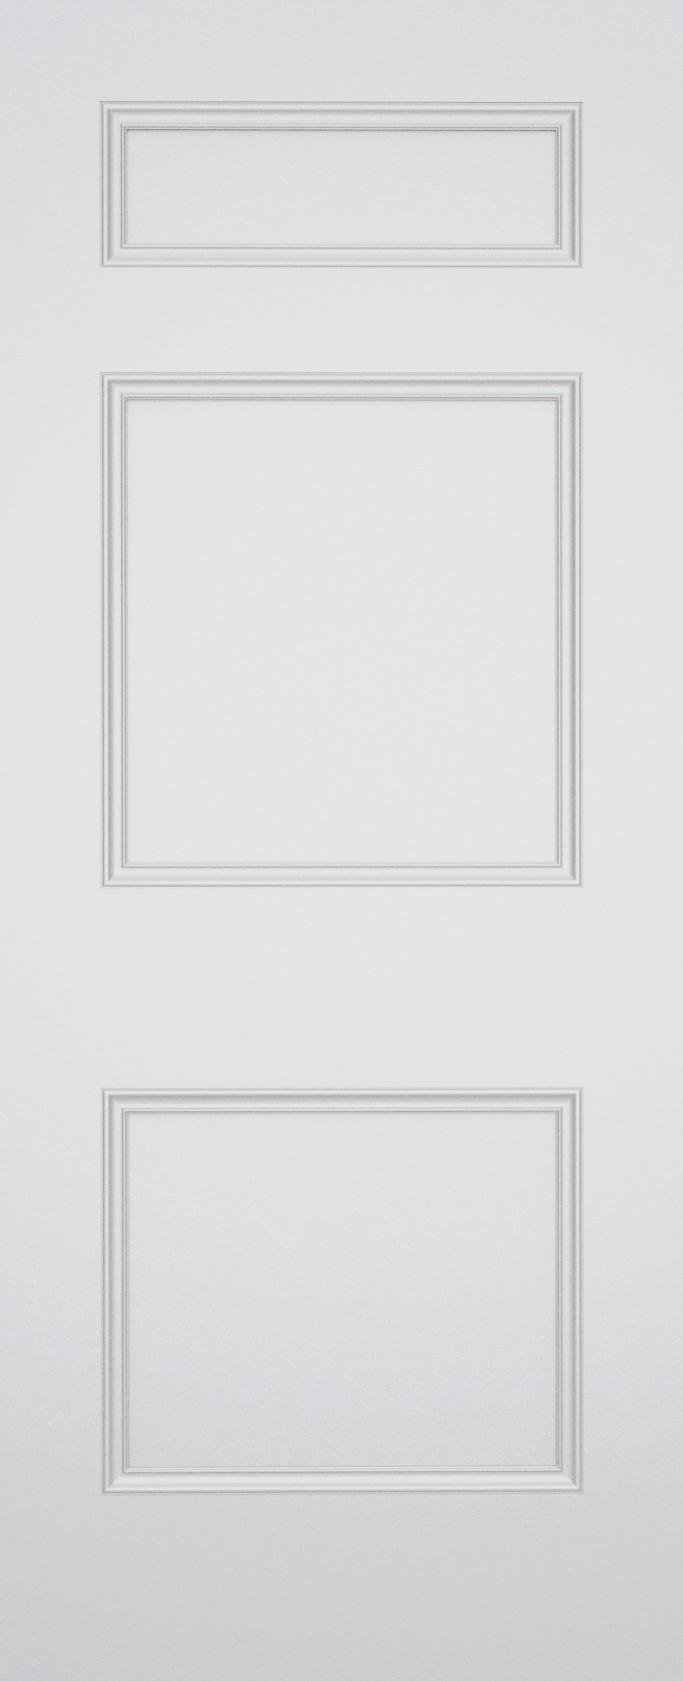 Ashbury Brompton 3 Panel Fire Door